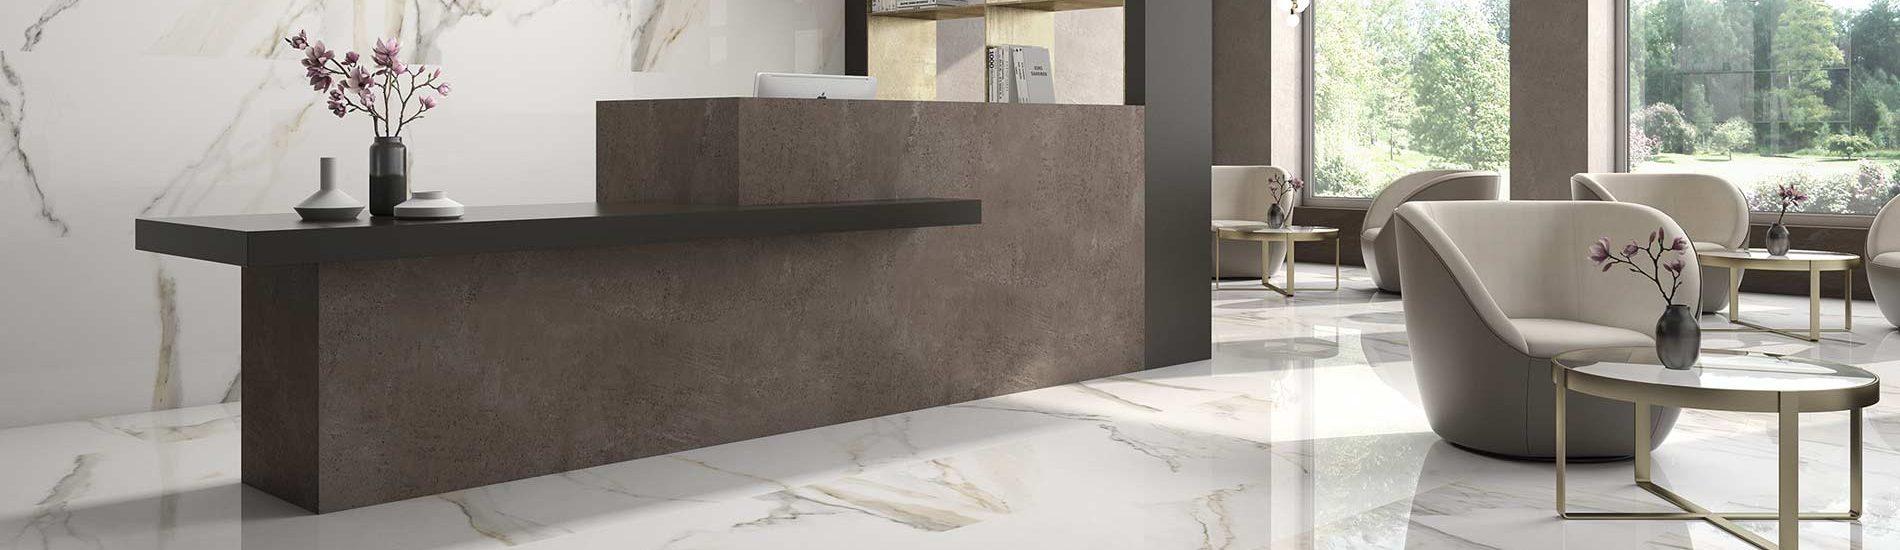 banner-atlantis-gold-spanish-large-format-marble-floor-wall-tile-itt-saniceramic